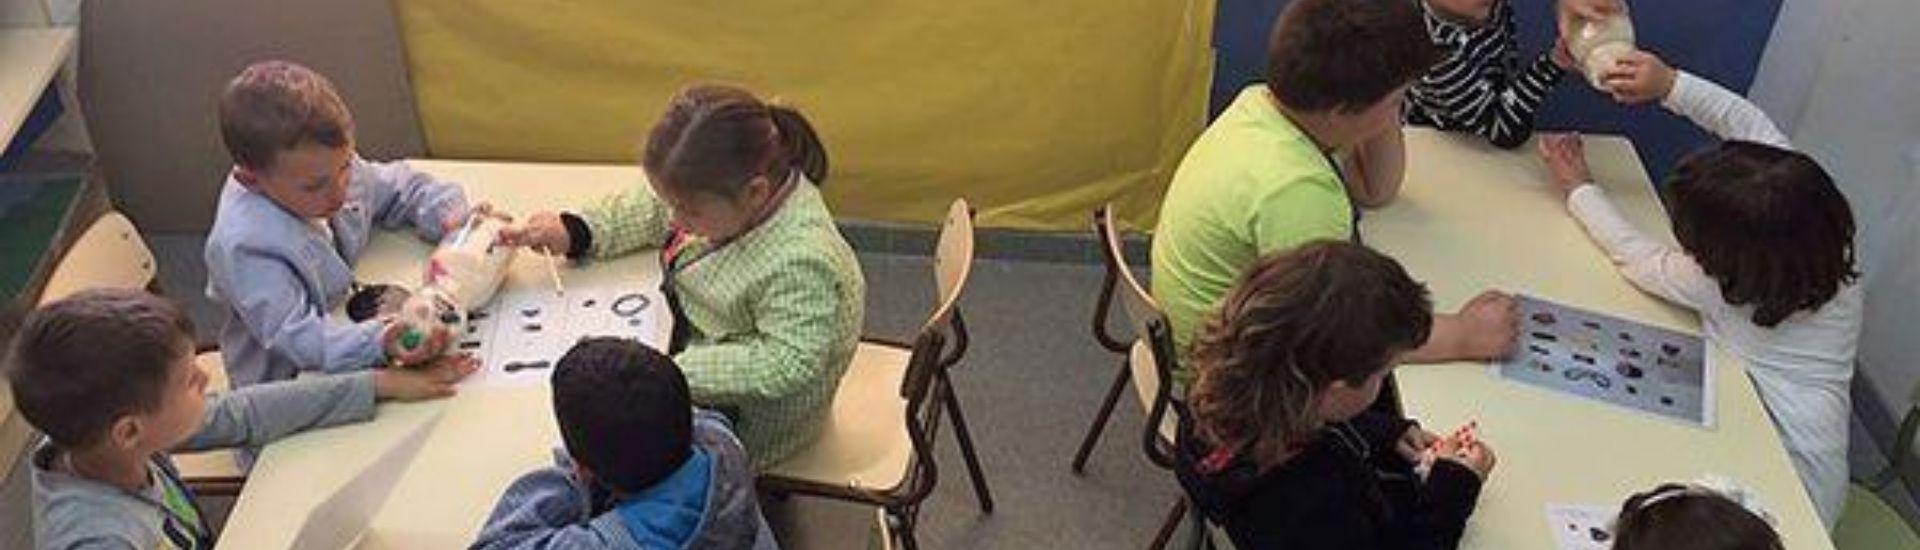 Estudiantes en la sala de clases leyendo con una botella